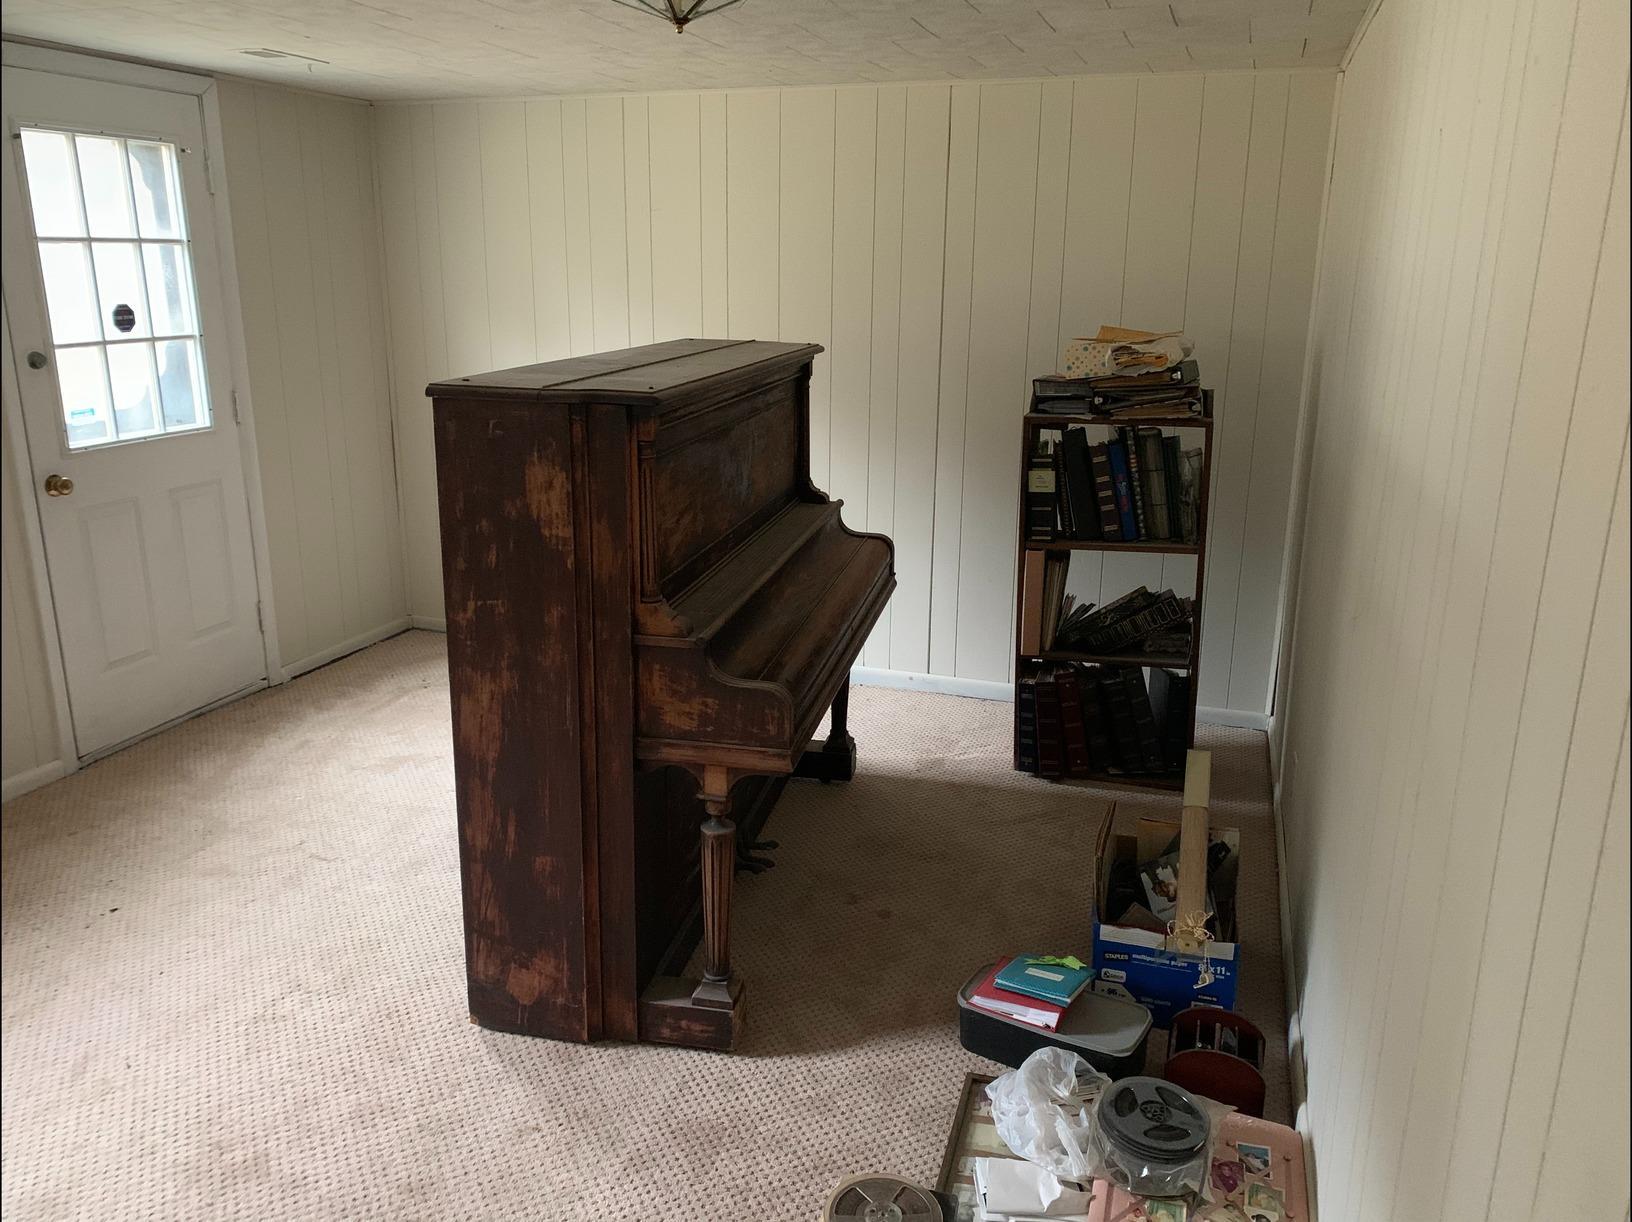 Piano Removal in Williamsburg, VA - Before Photo